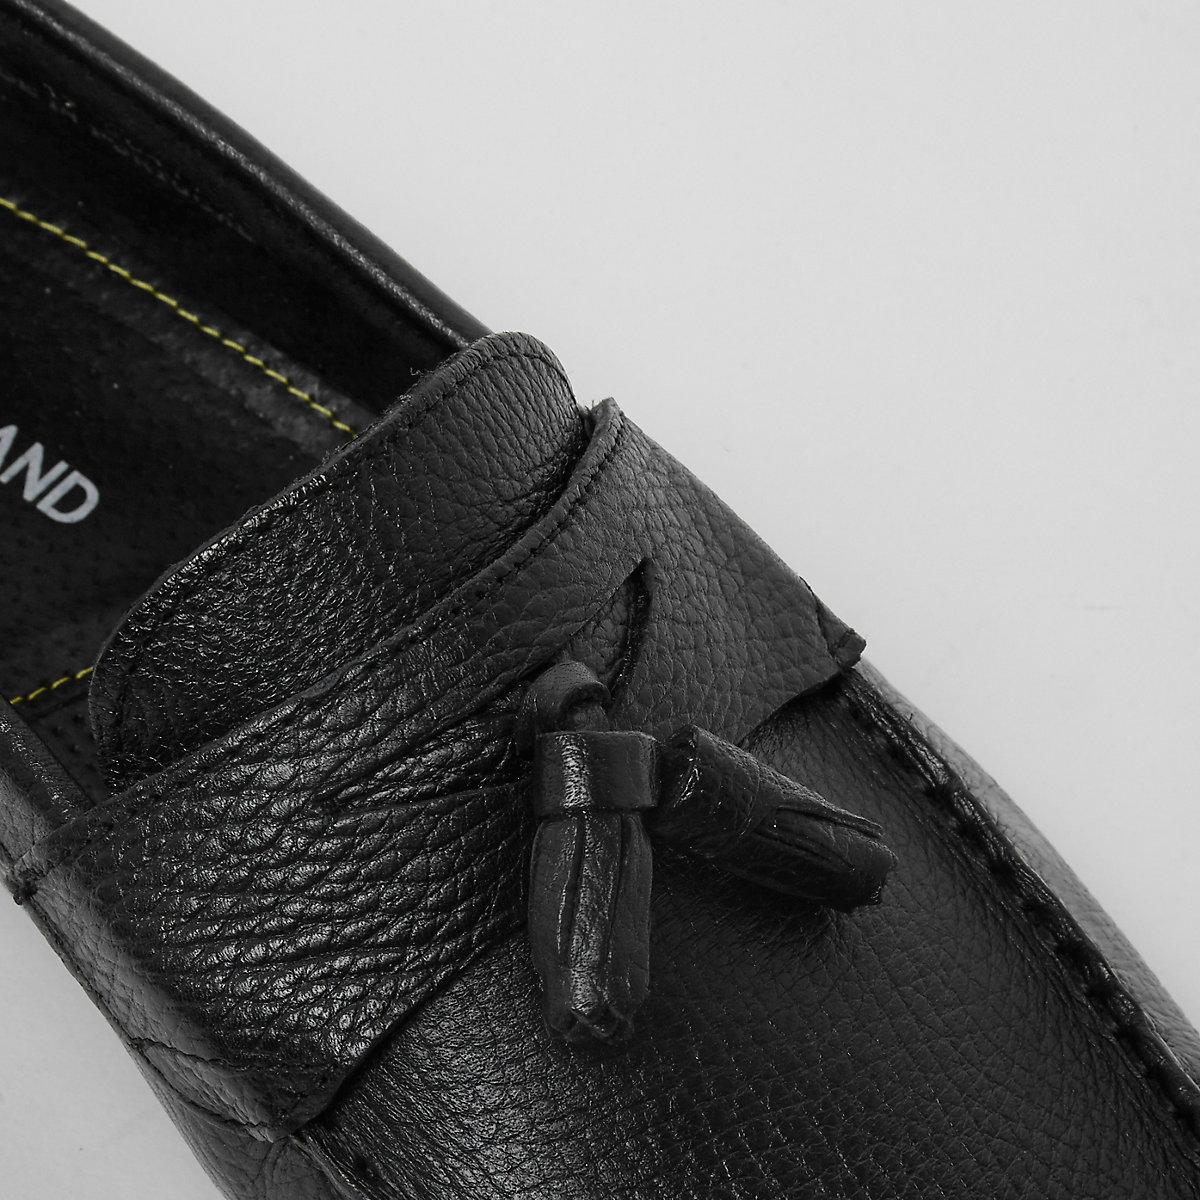 cuir froissé à hommes et noir bottes en Chaussures Mocassins glands nqIRztwxP